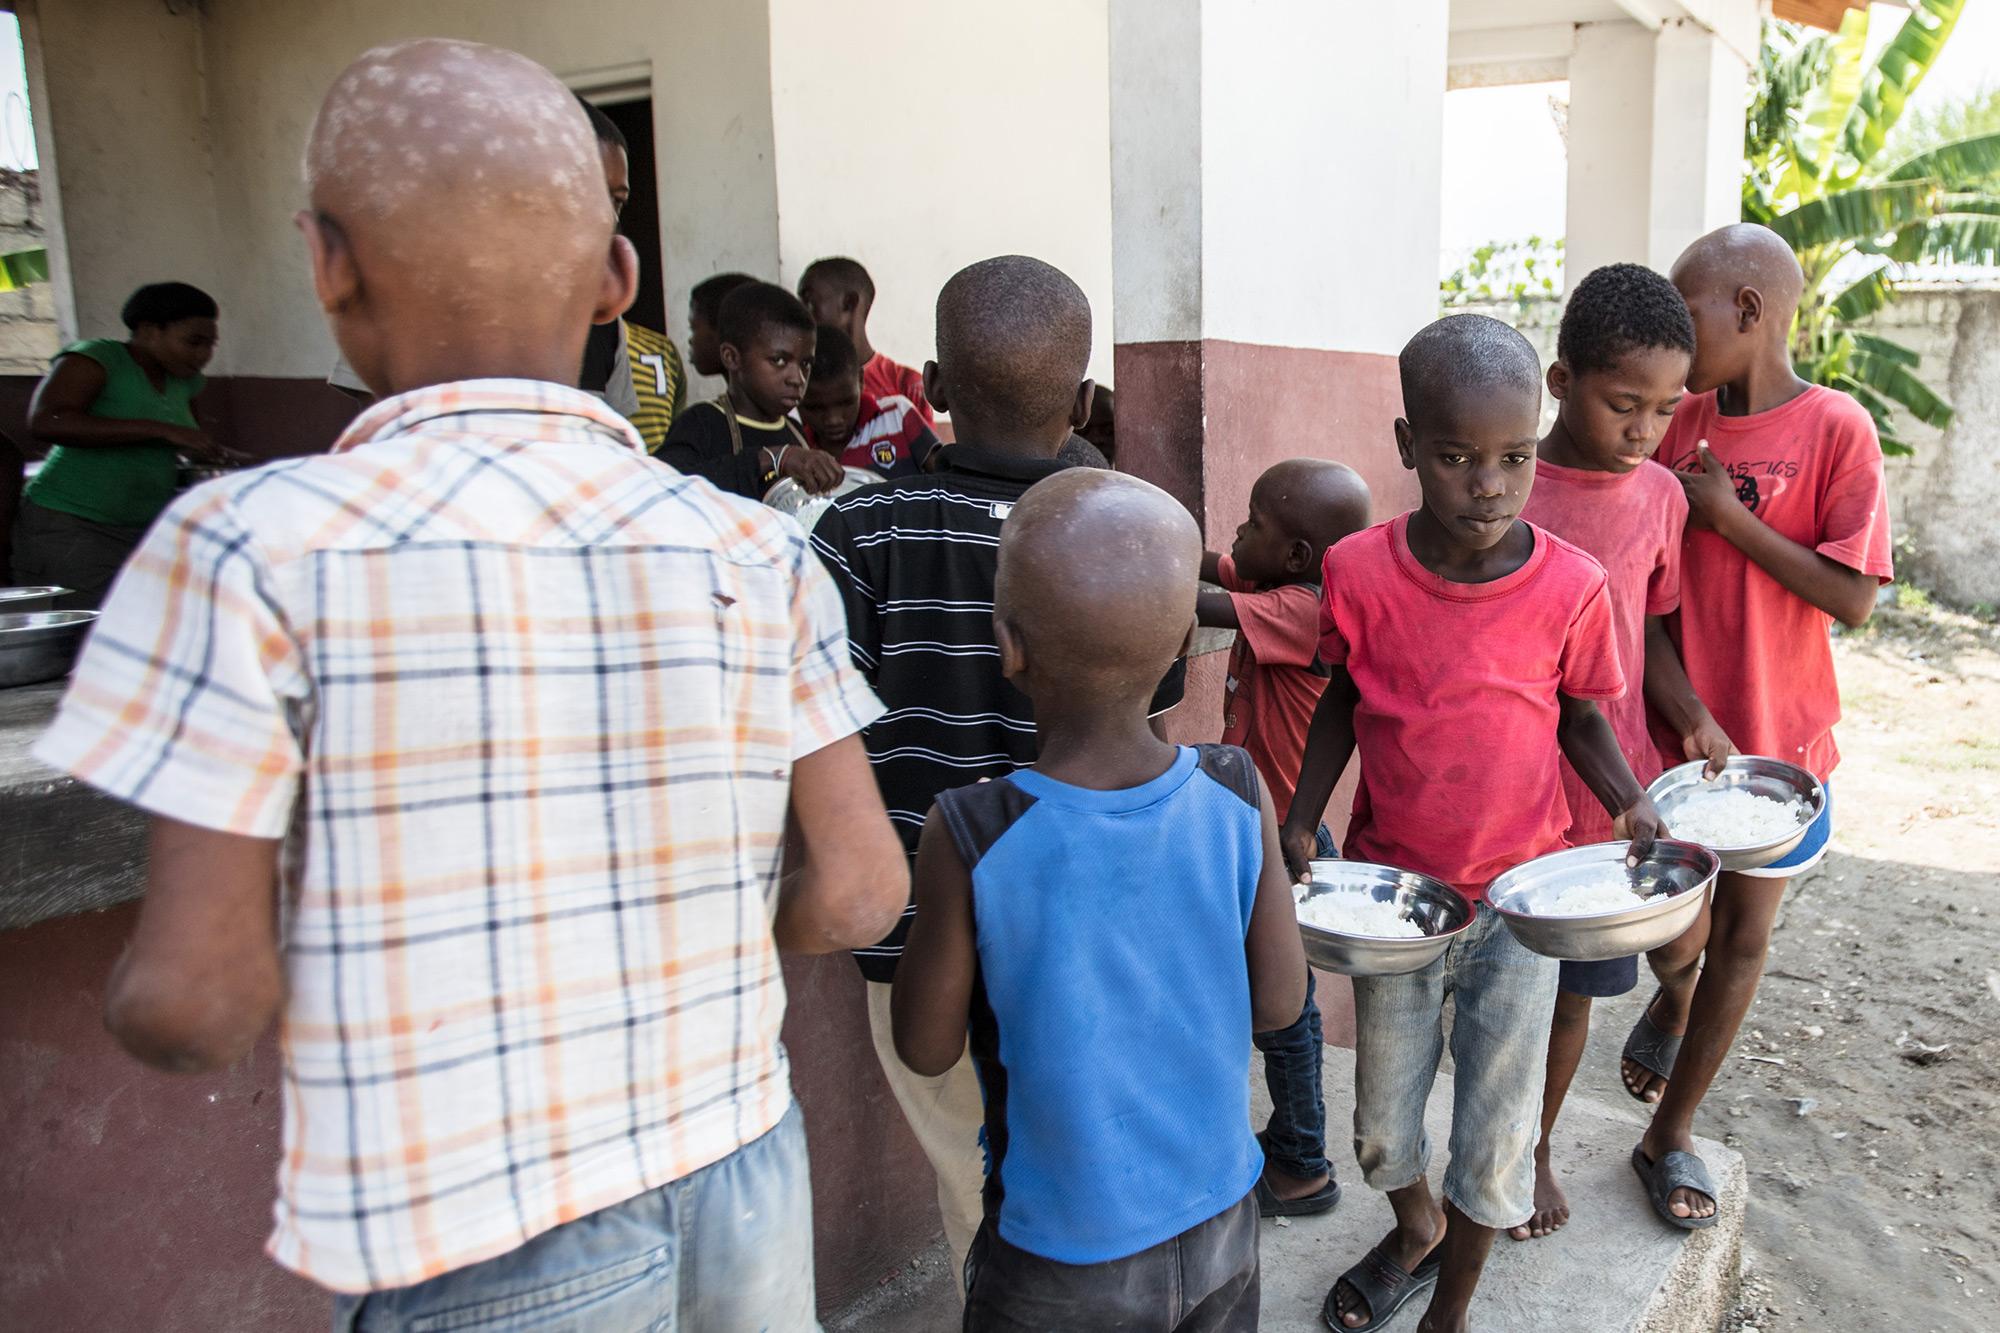 20170802_Haiti_1893.jpg